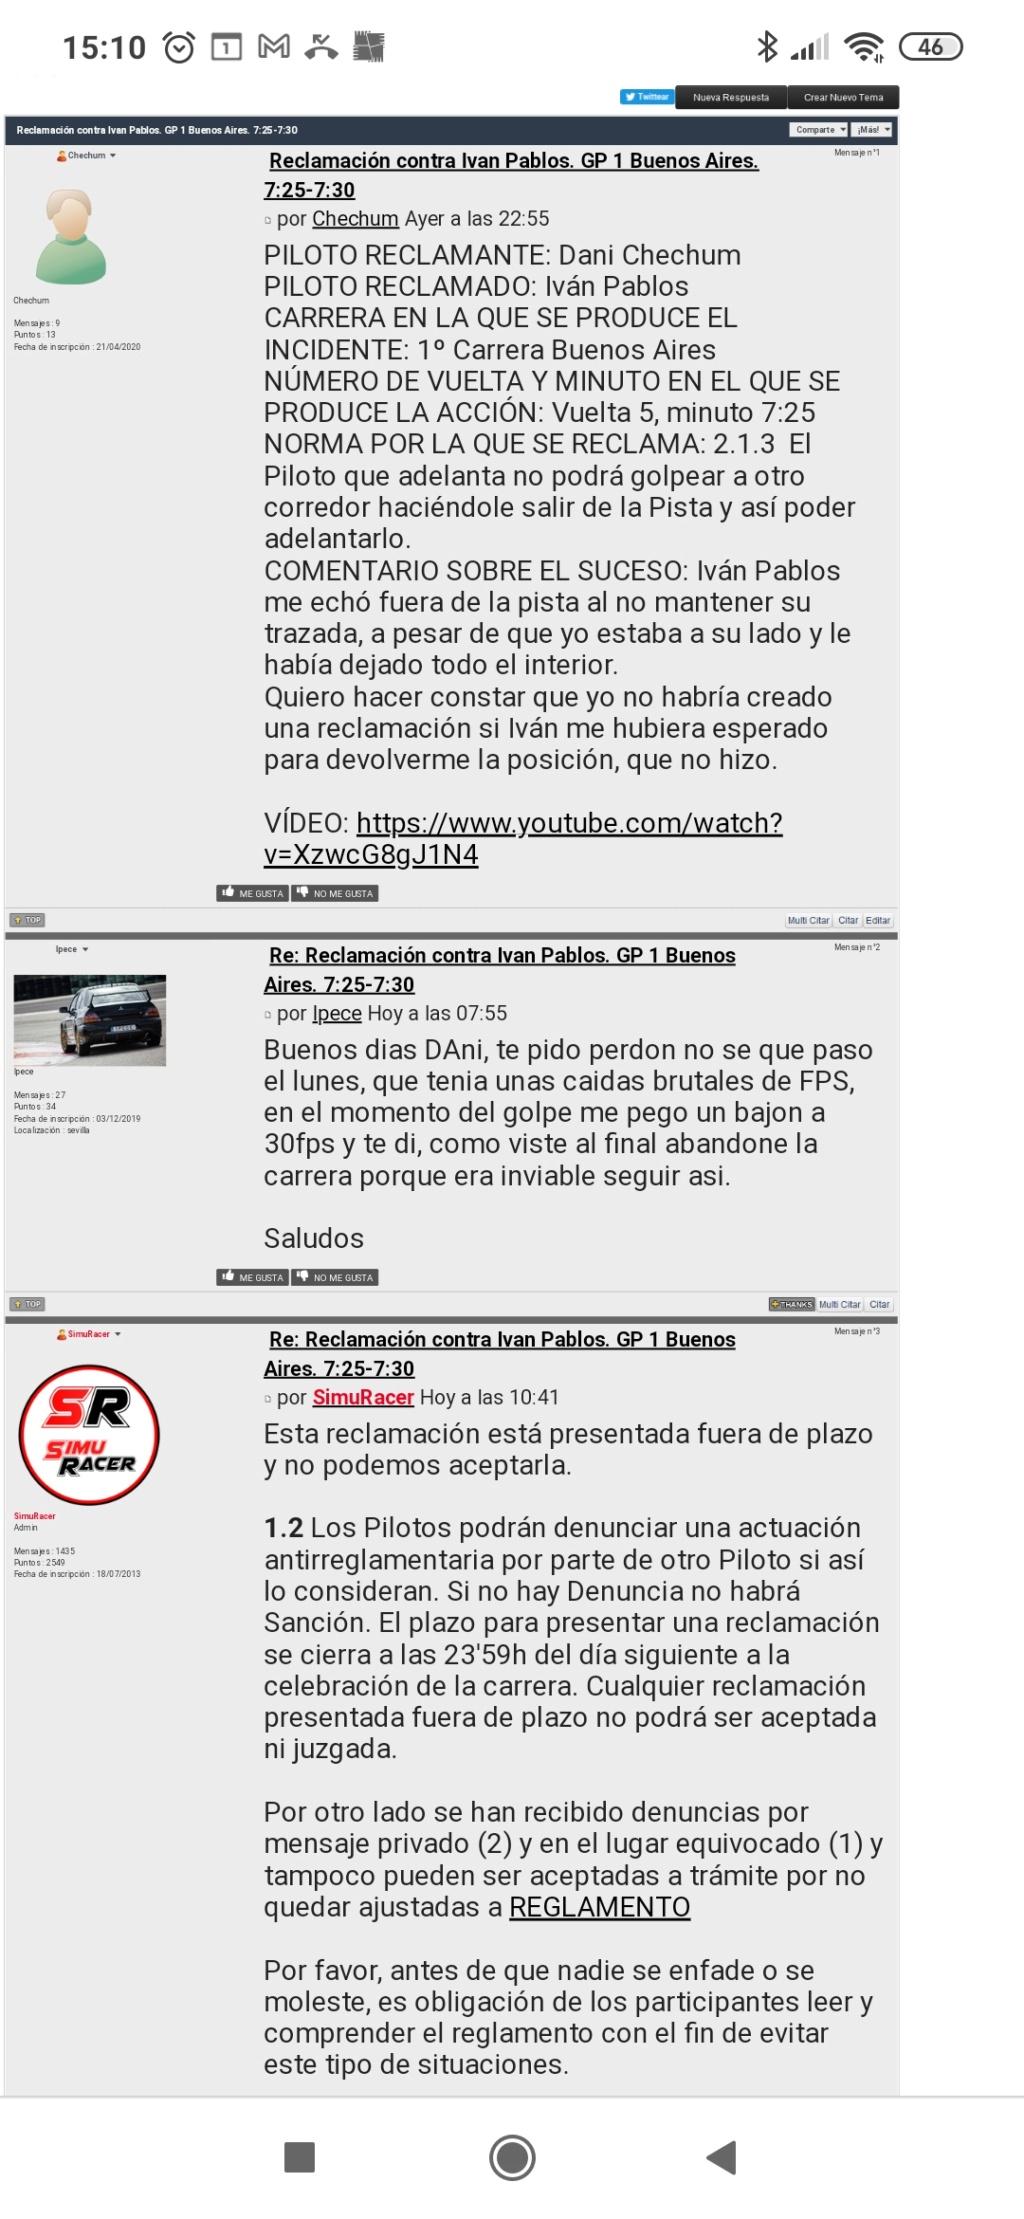 Reclamación contra Ivan Pablos. GP 1 Buenos Aires. 7:25-7:30 - Página 2 Screen11